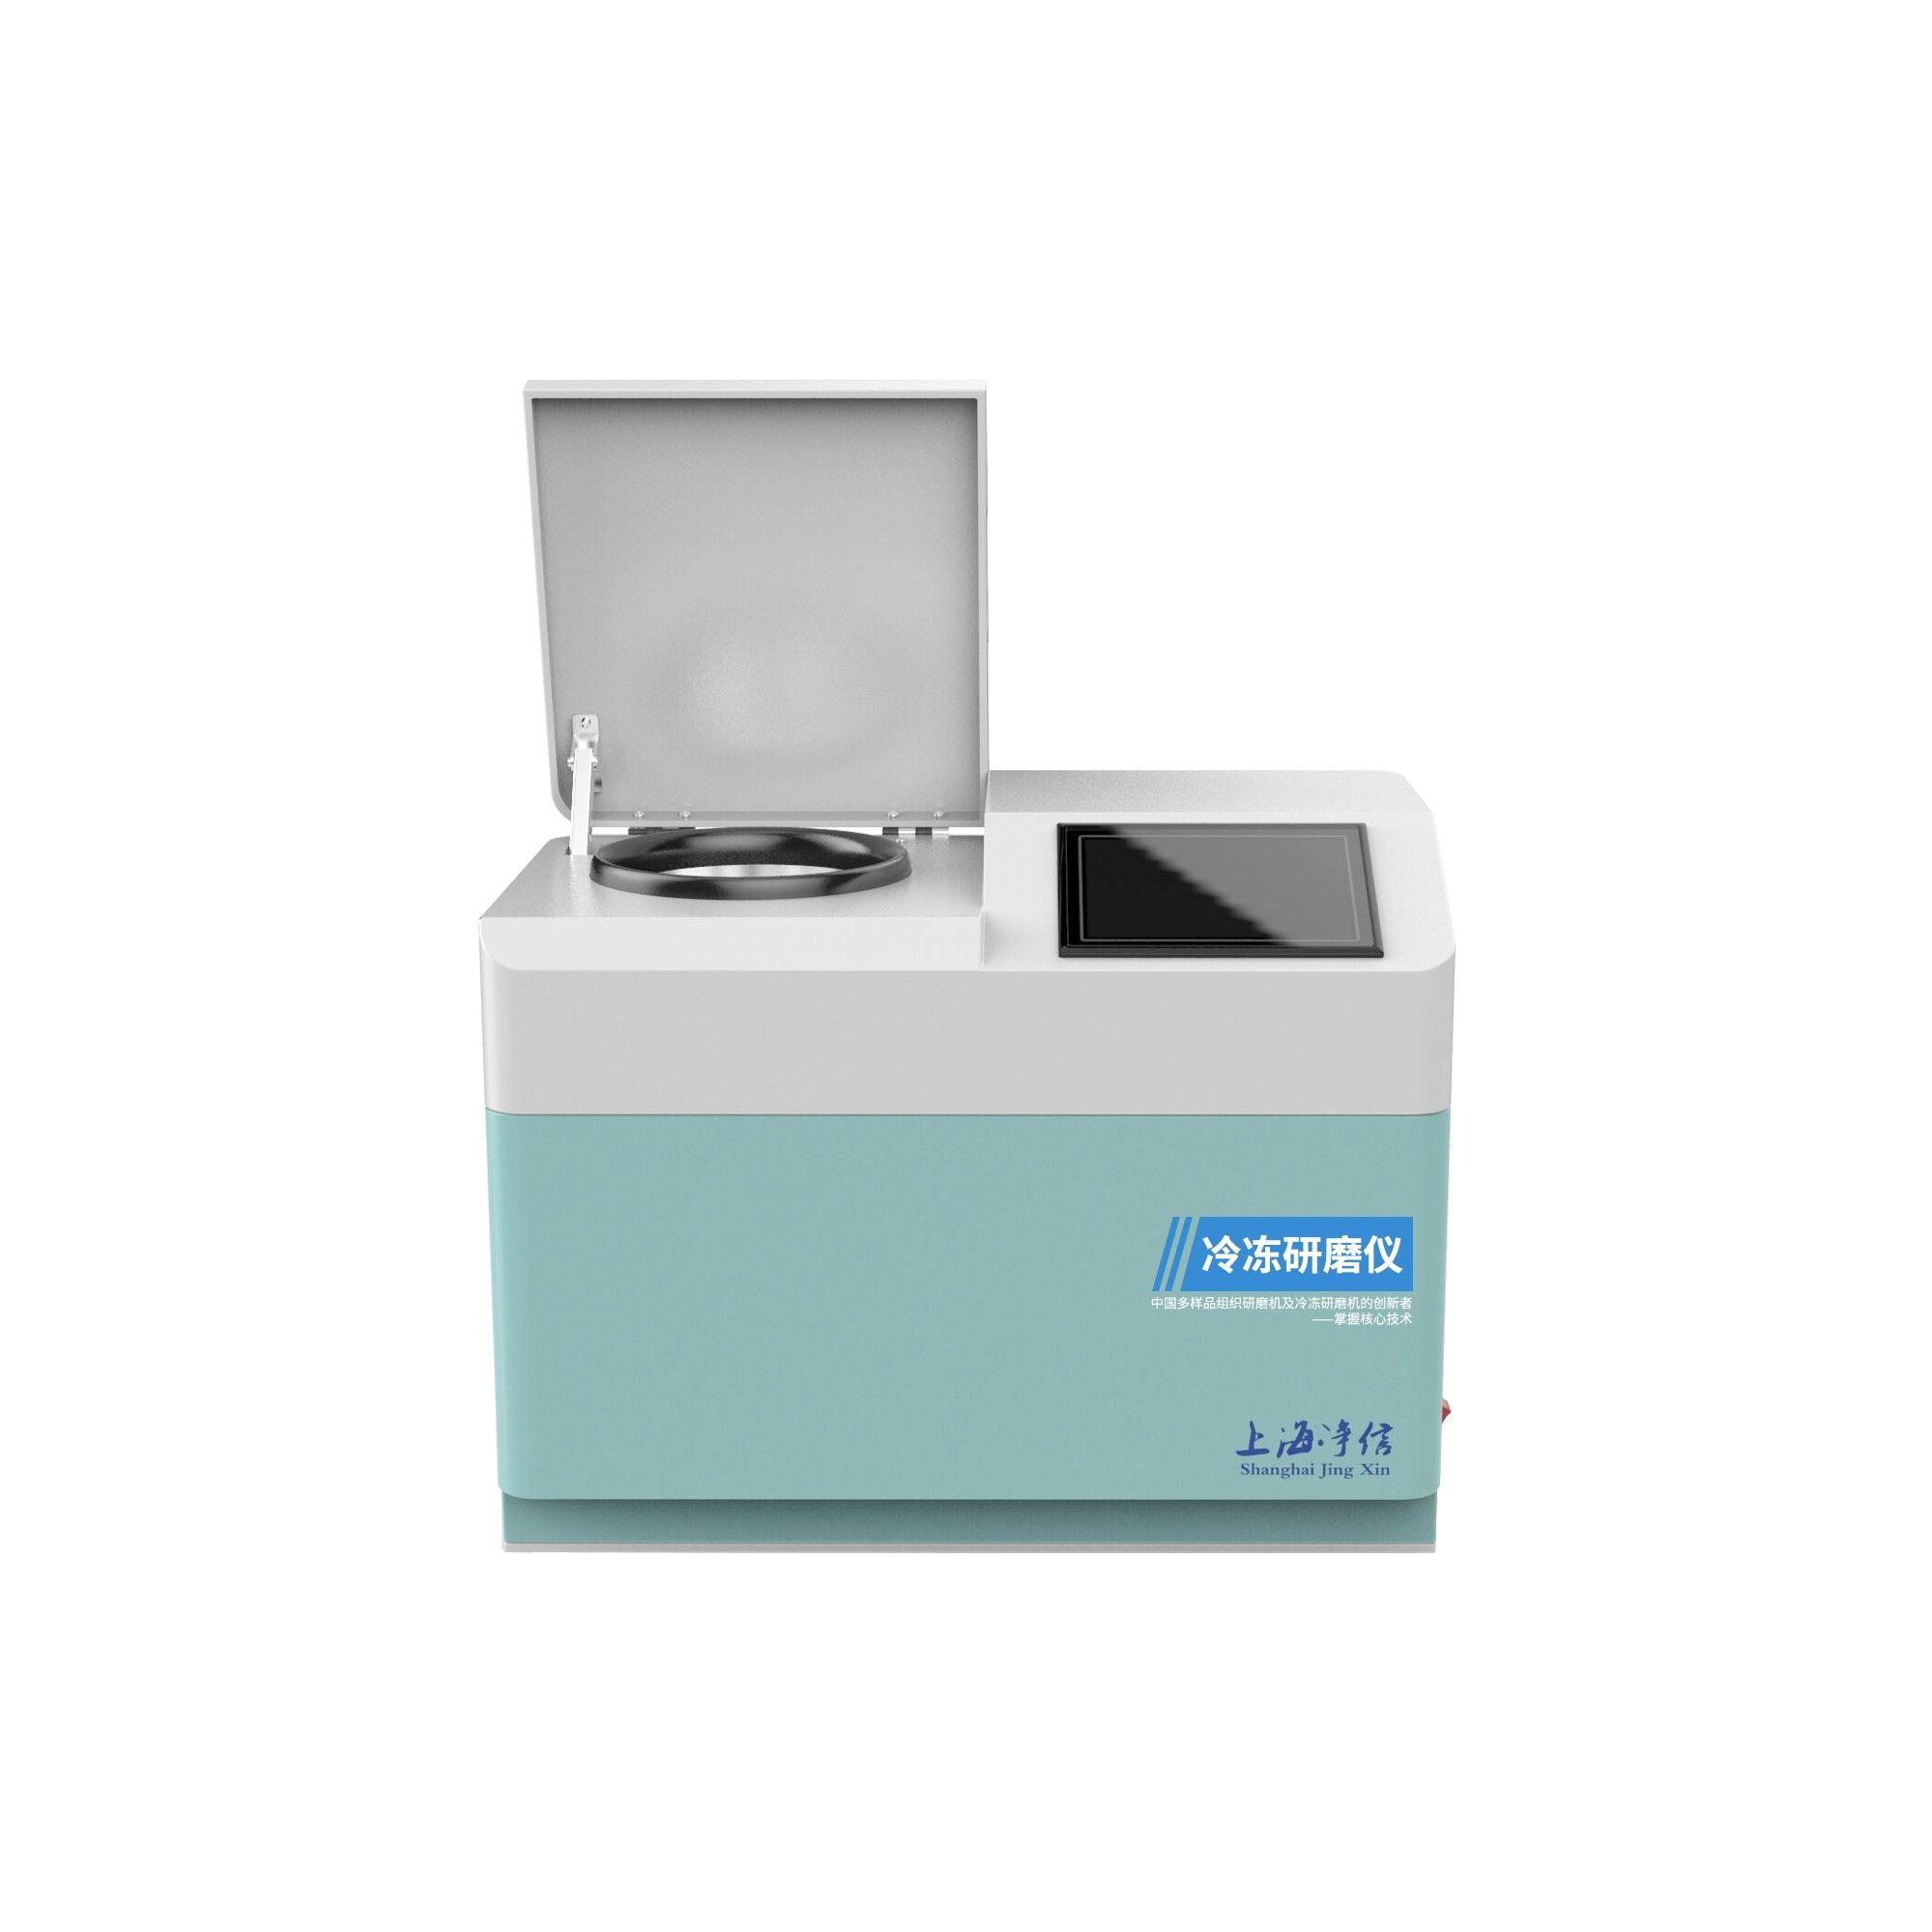 上海净信JXFSTPRP-CLN冷冻研磨仪